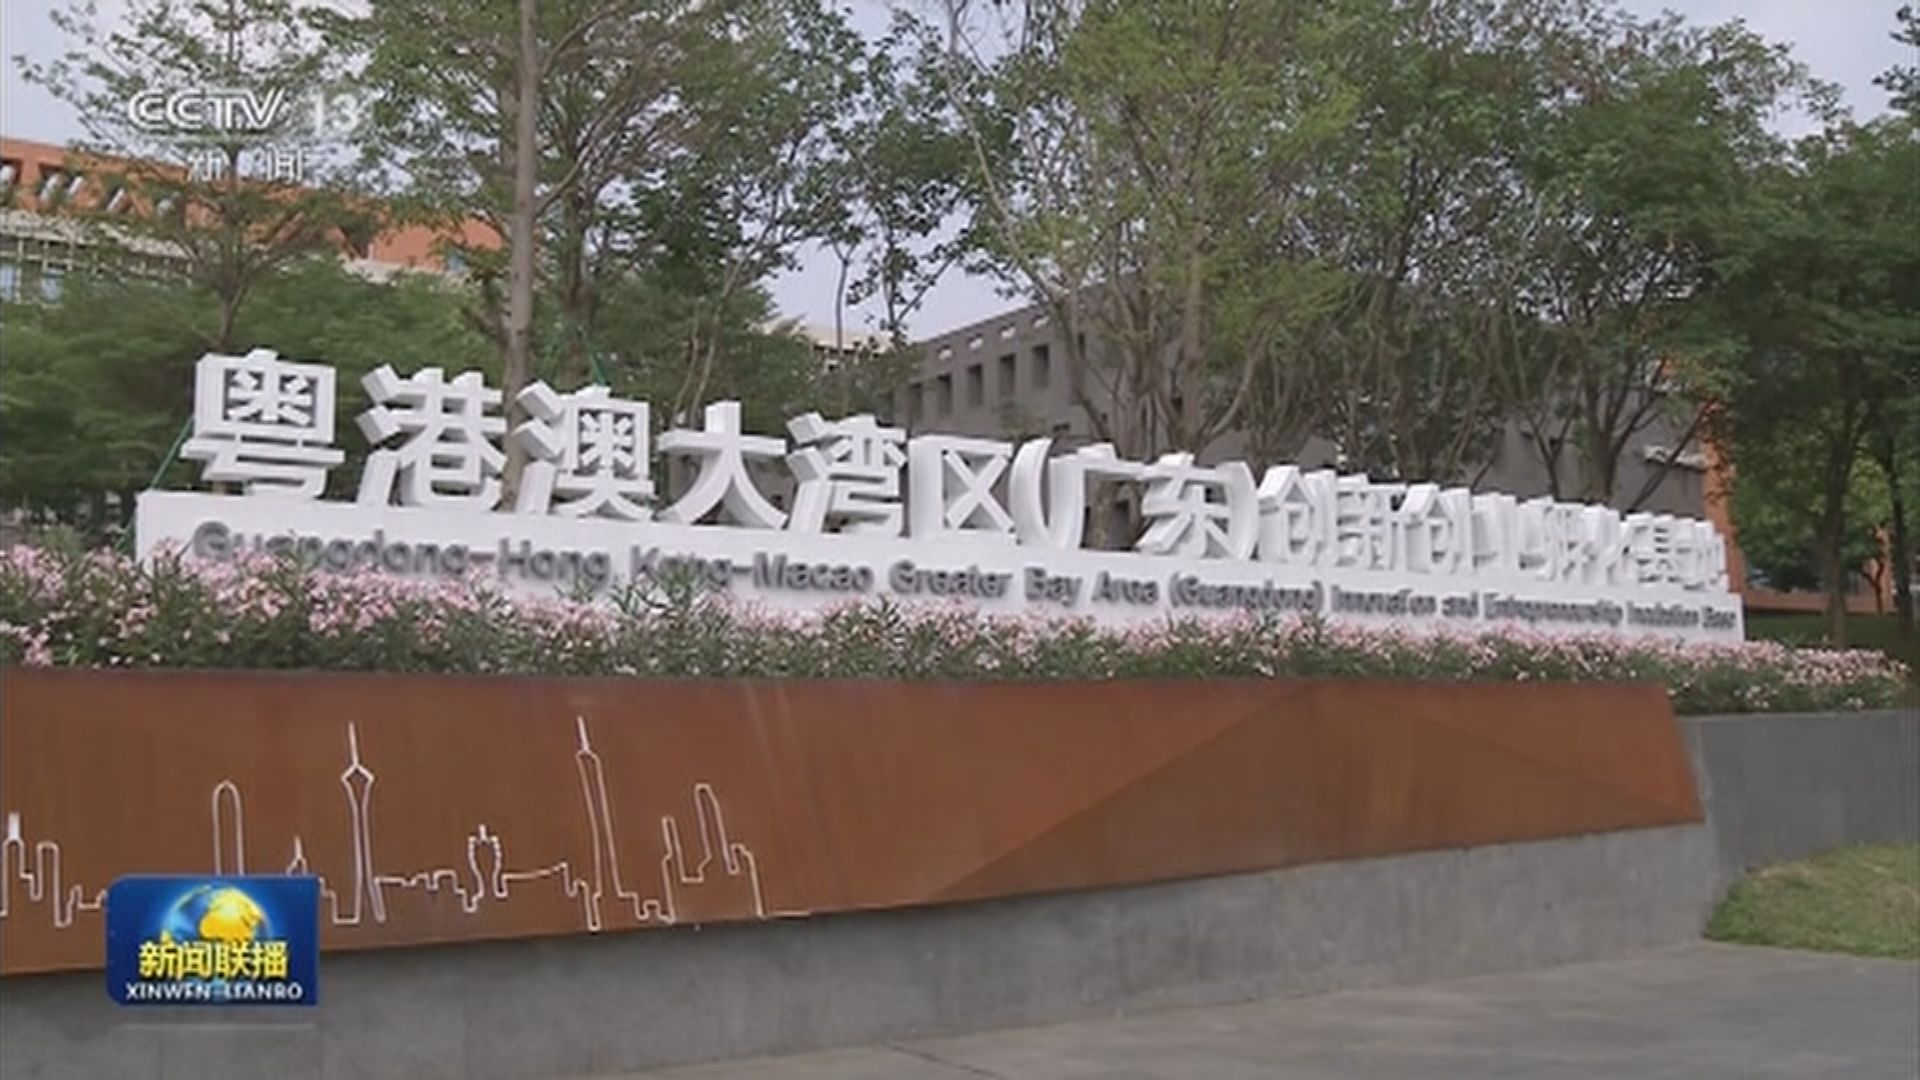 韓正到廣東考察 籲港澳青年積極宣傳大灣區